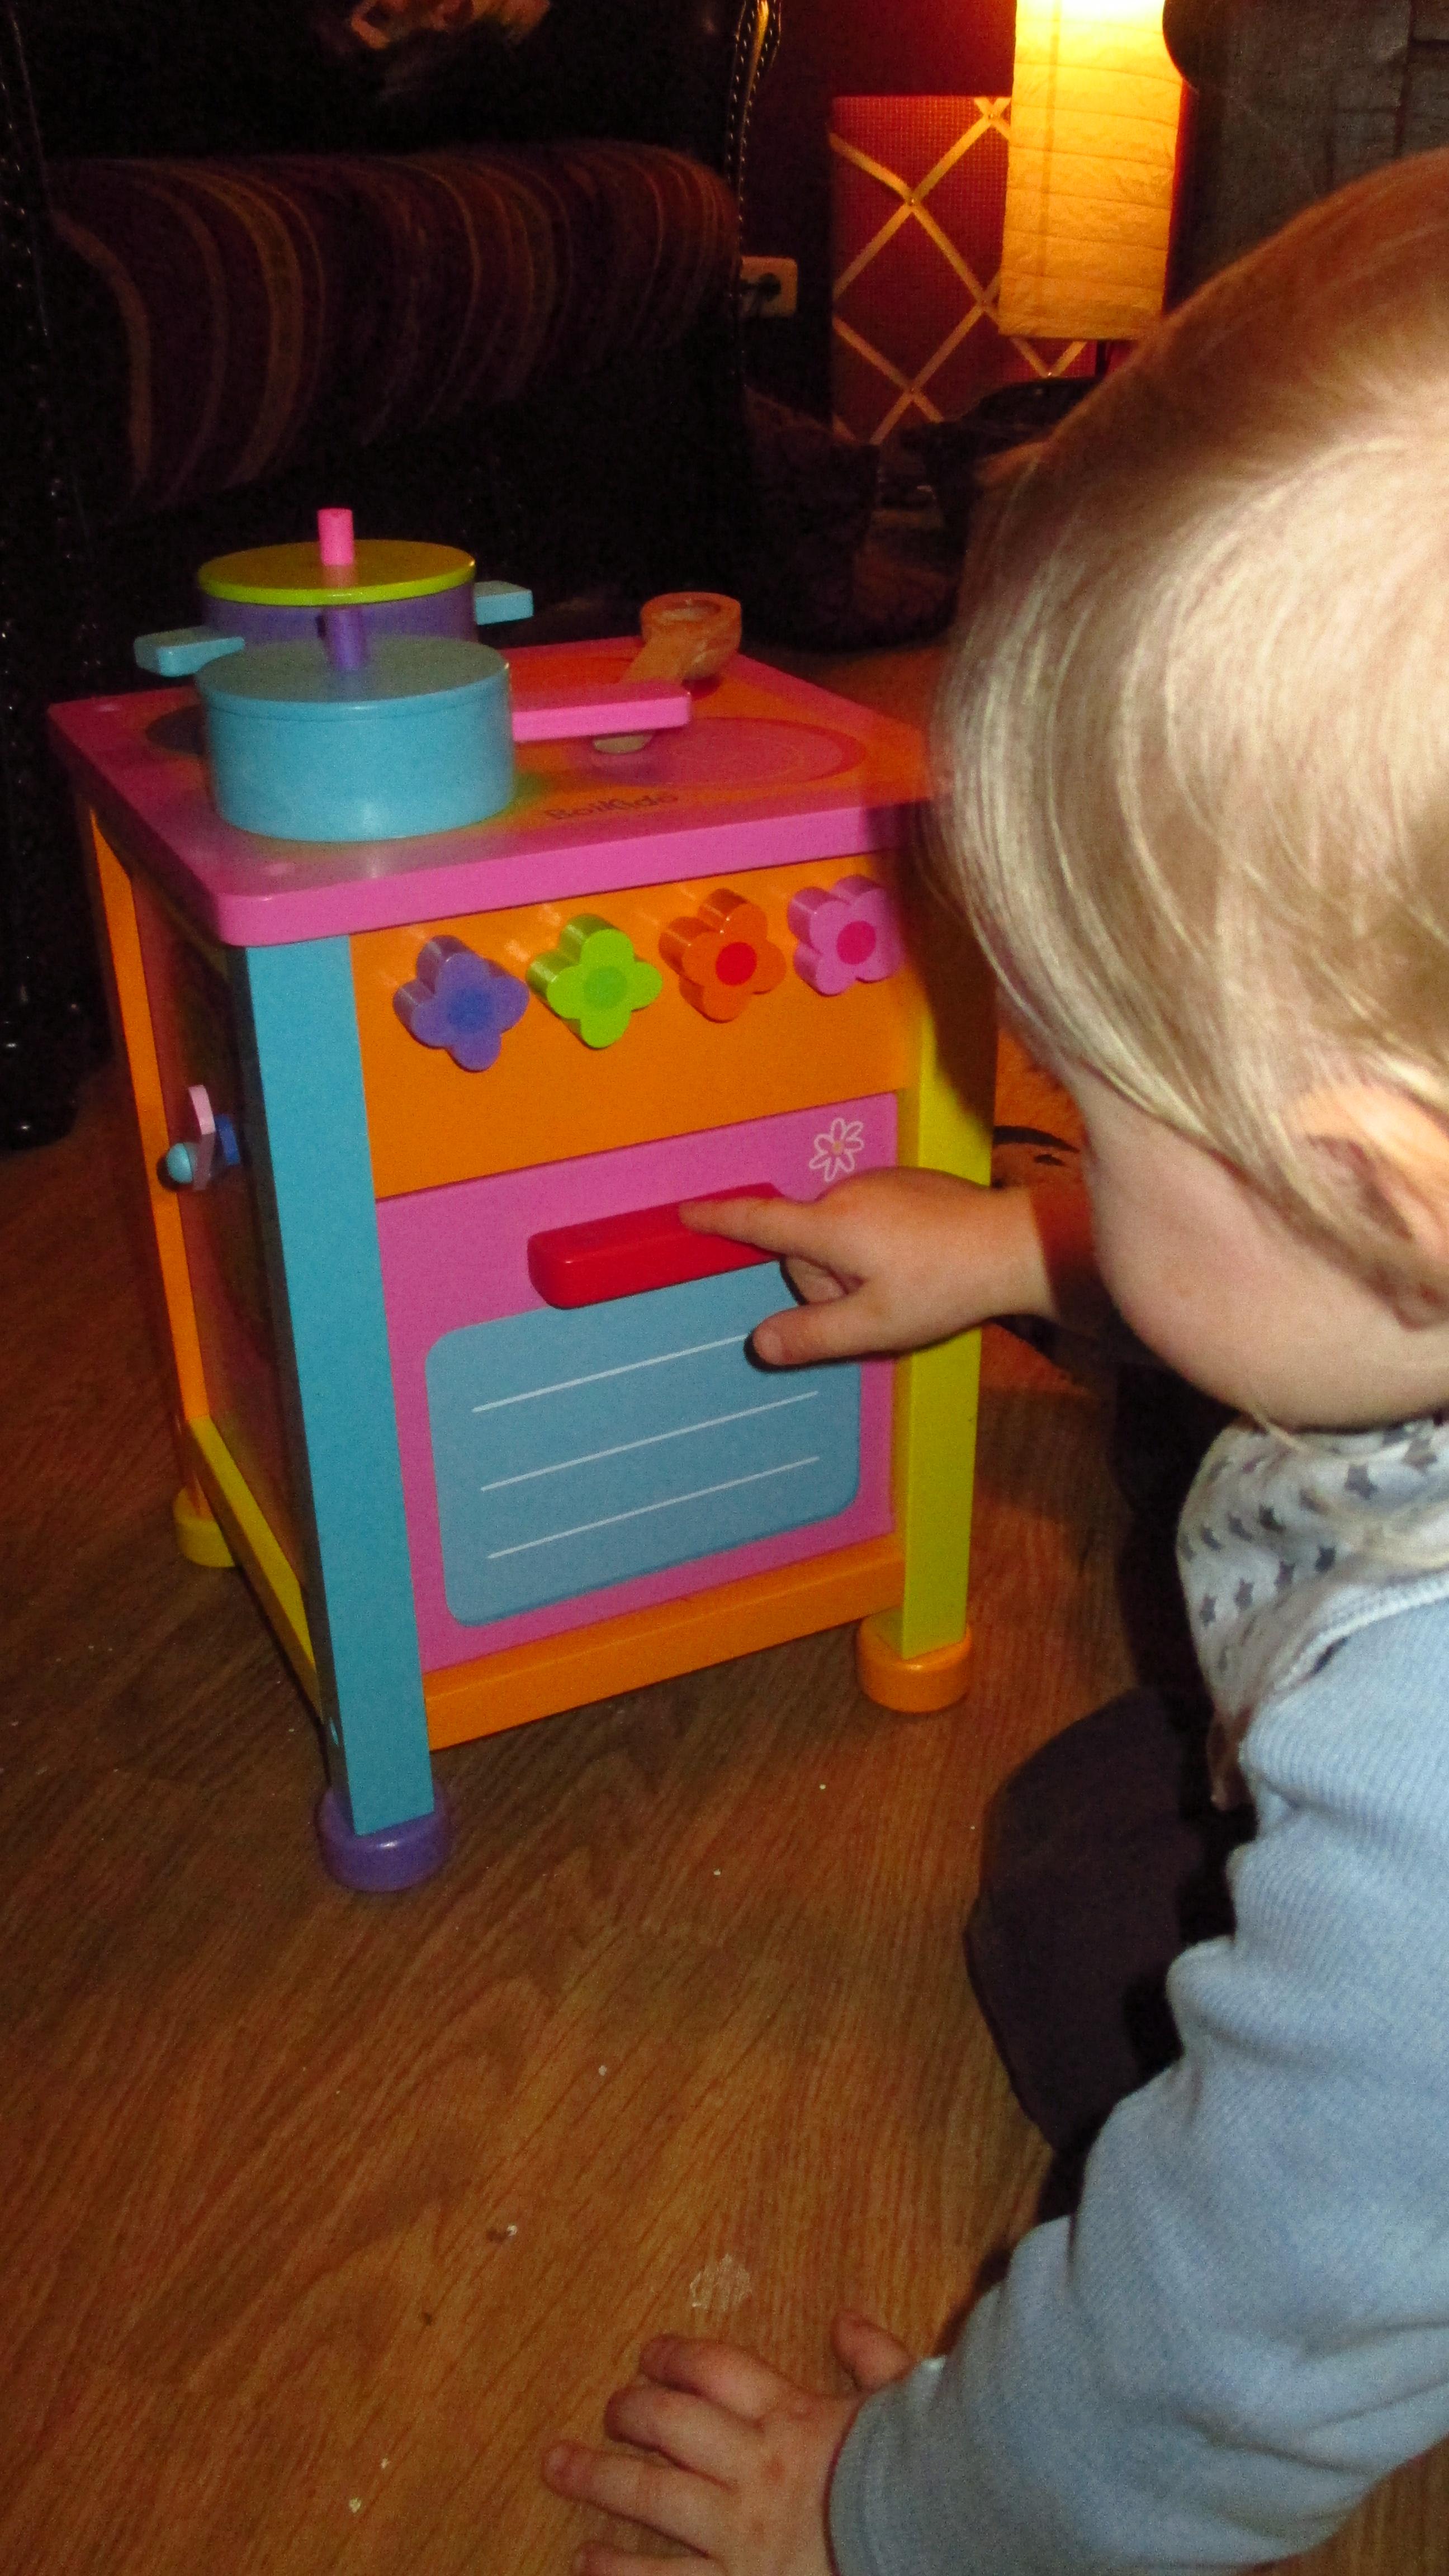 Da Wir Sowieso Vor Hatten Eine Spielküche Für Mulle Zu Besorgen, Haben Wir  Uns Für Die BoiKido Kitchenette Entschieden.